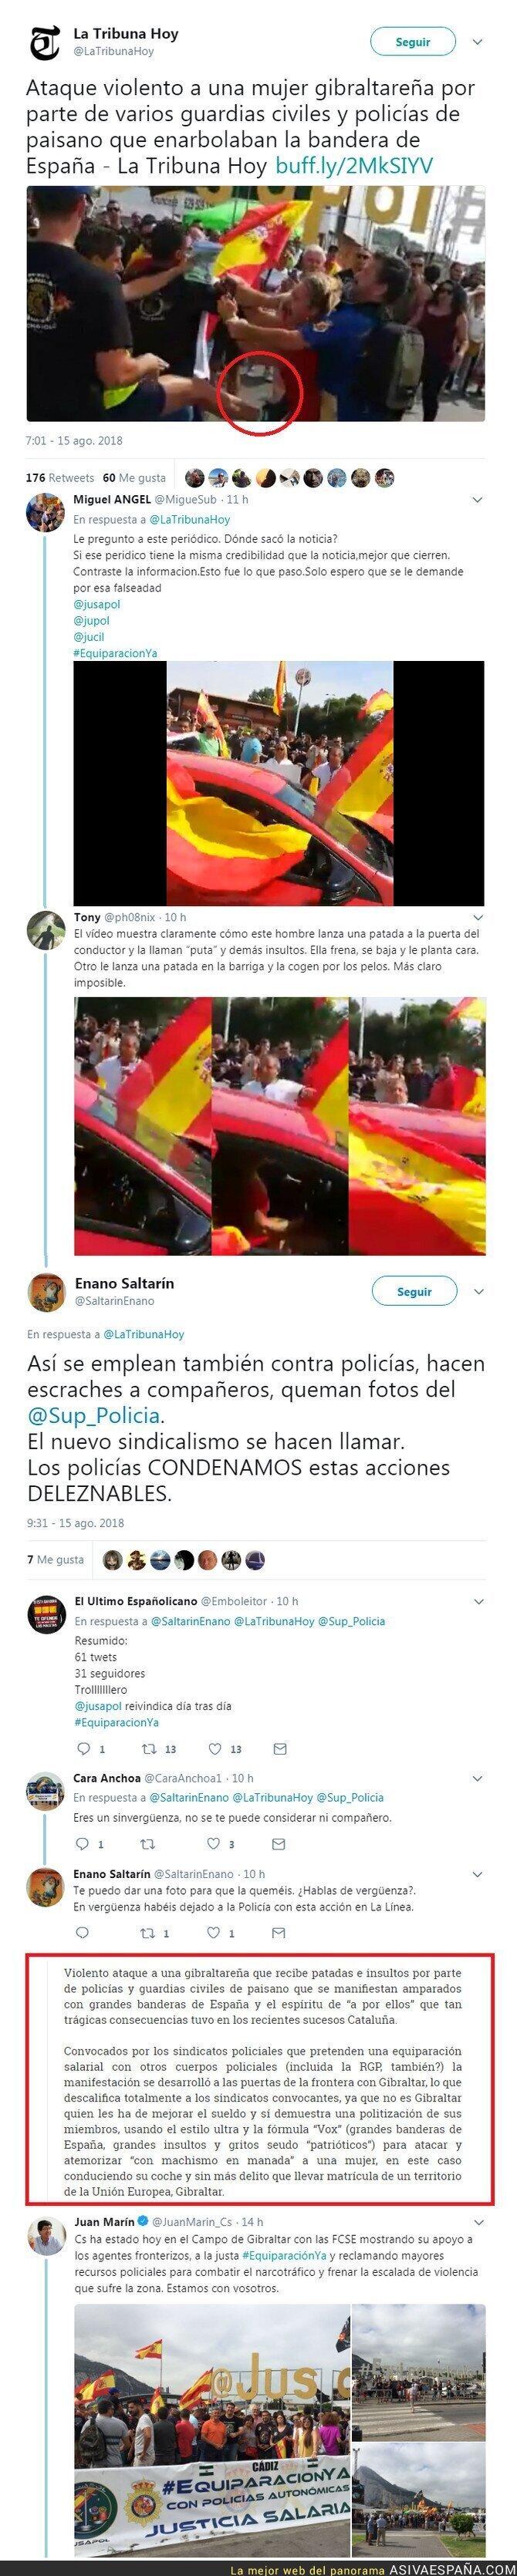 91199 - Insultan y agreden a una mujer gibraltareña aquellos que deben hacer respetar la ley